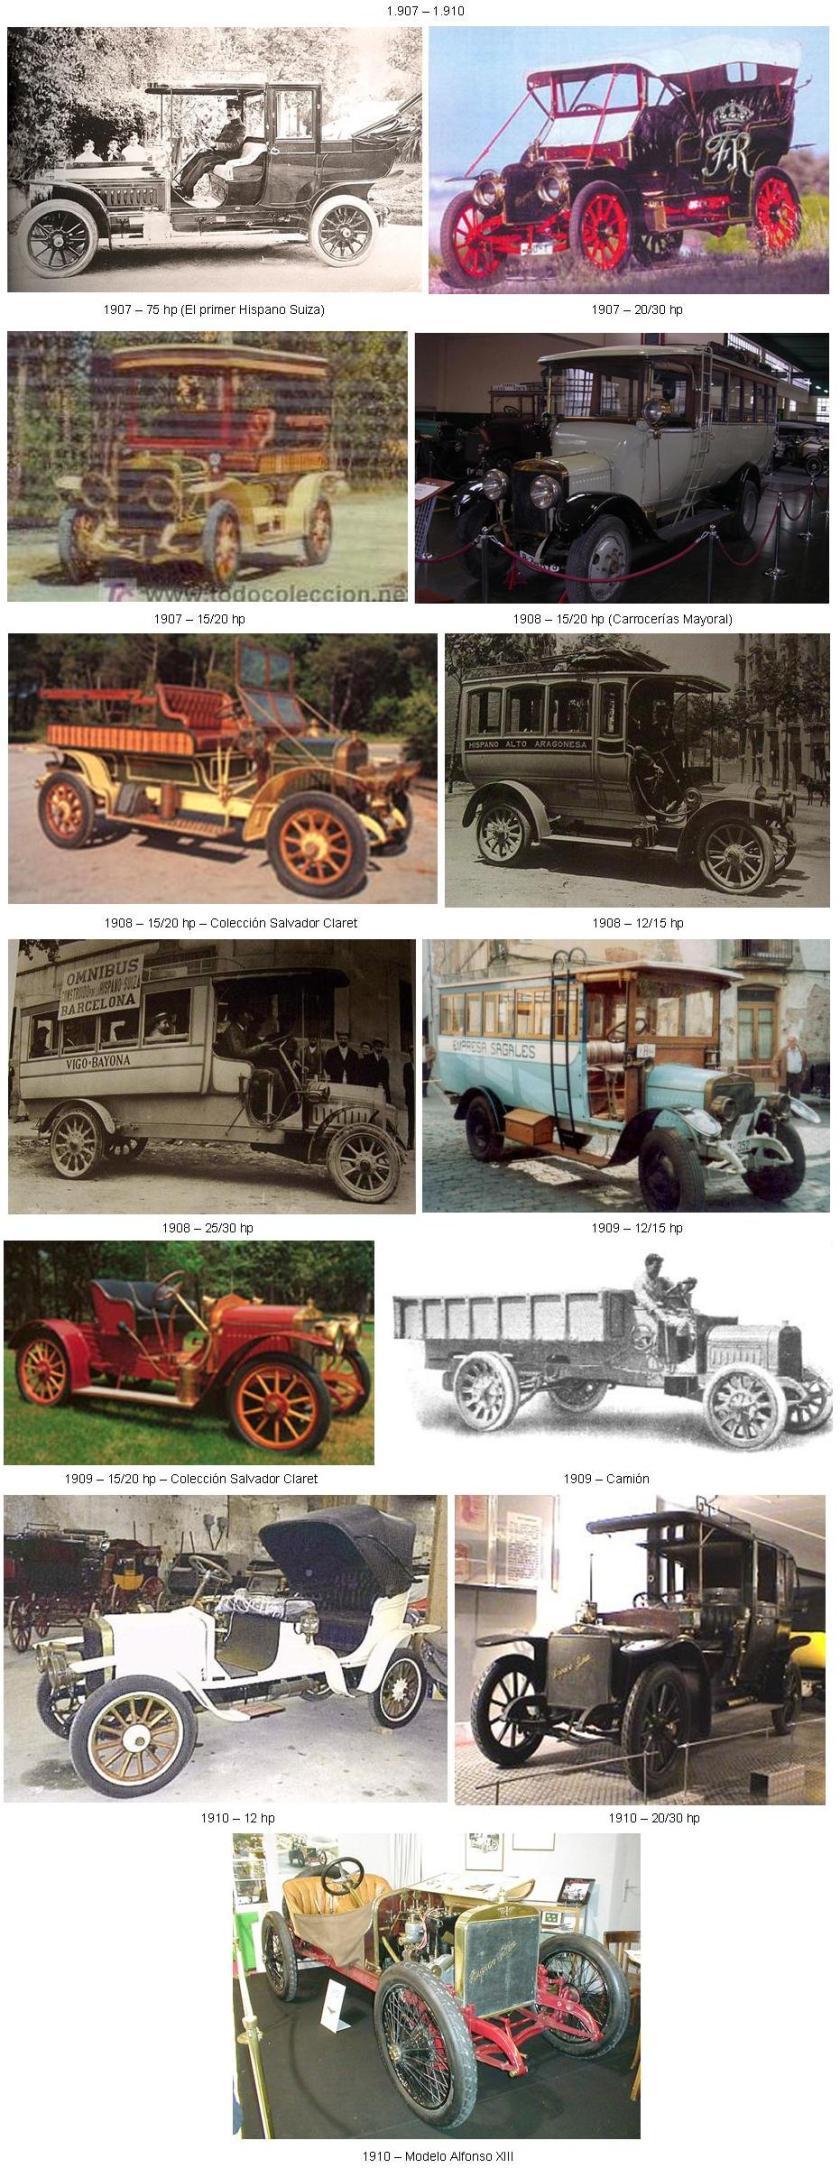 1907-1910 HISPANO SUIZA-01